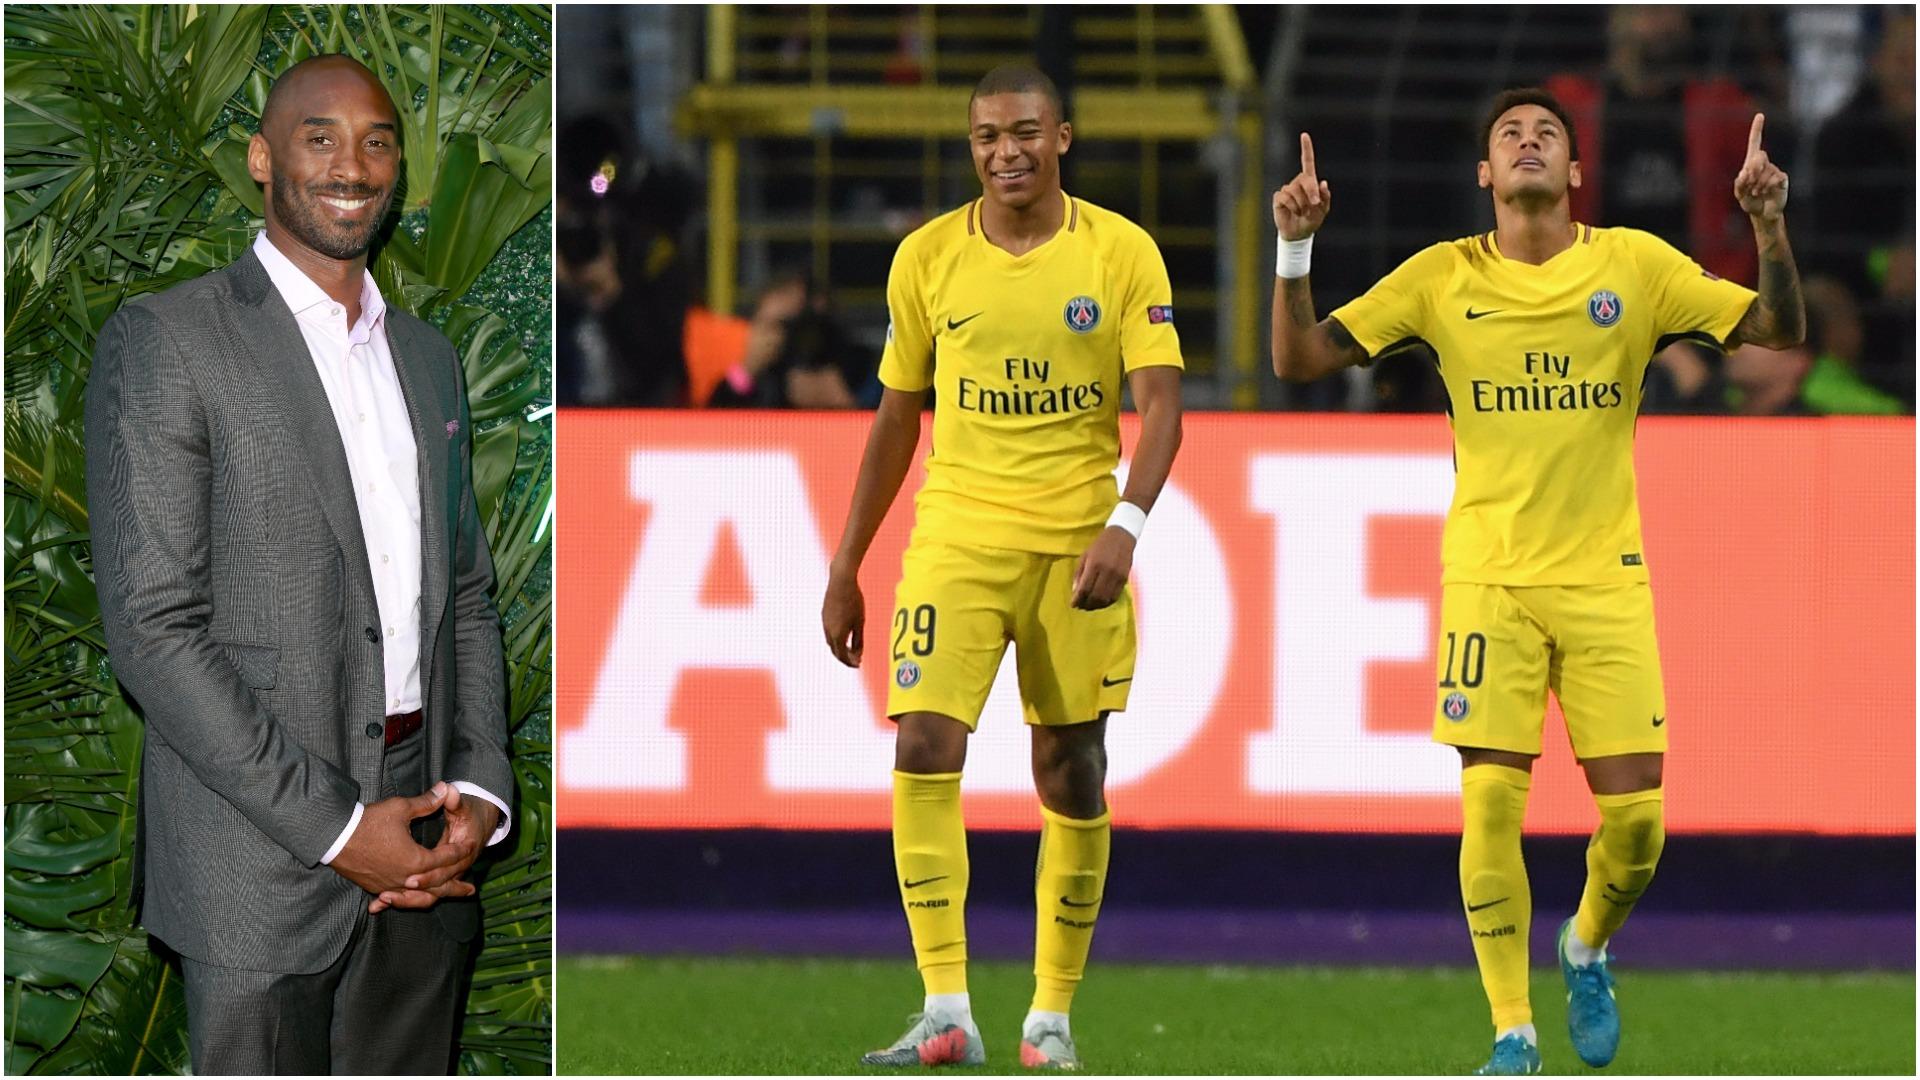 Kobe Bryant impresses Neymar, other PSG stars with soccer skills